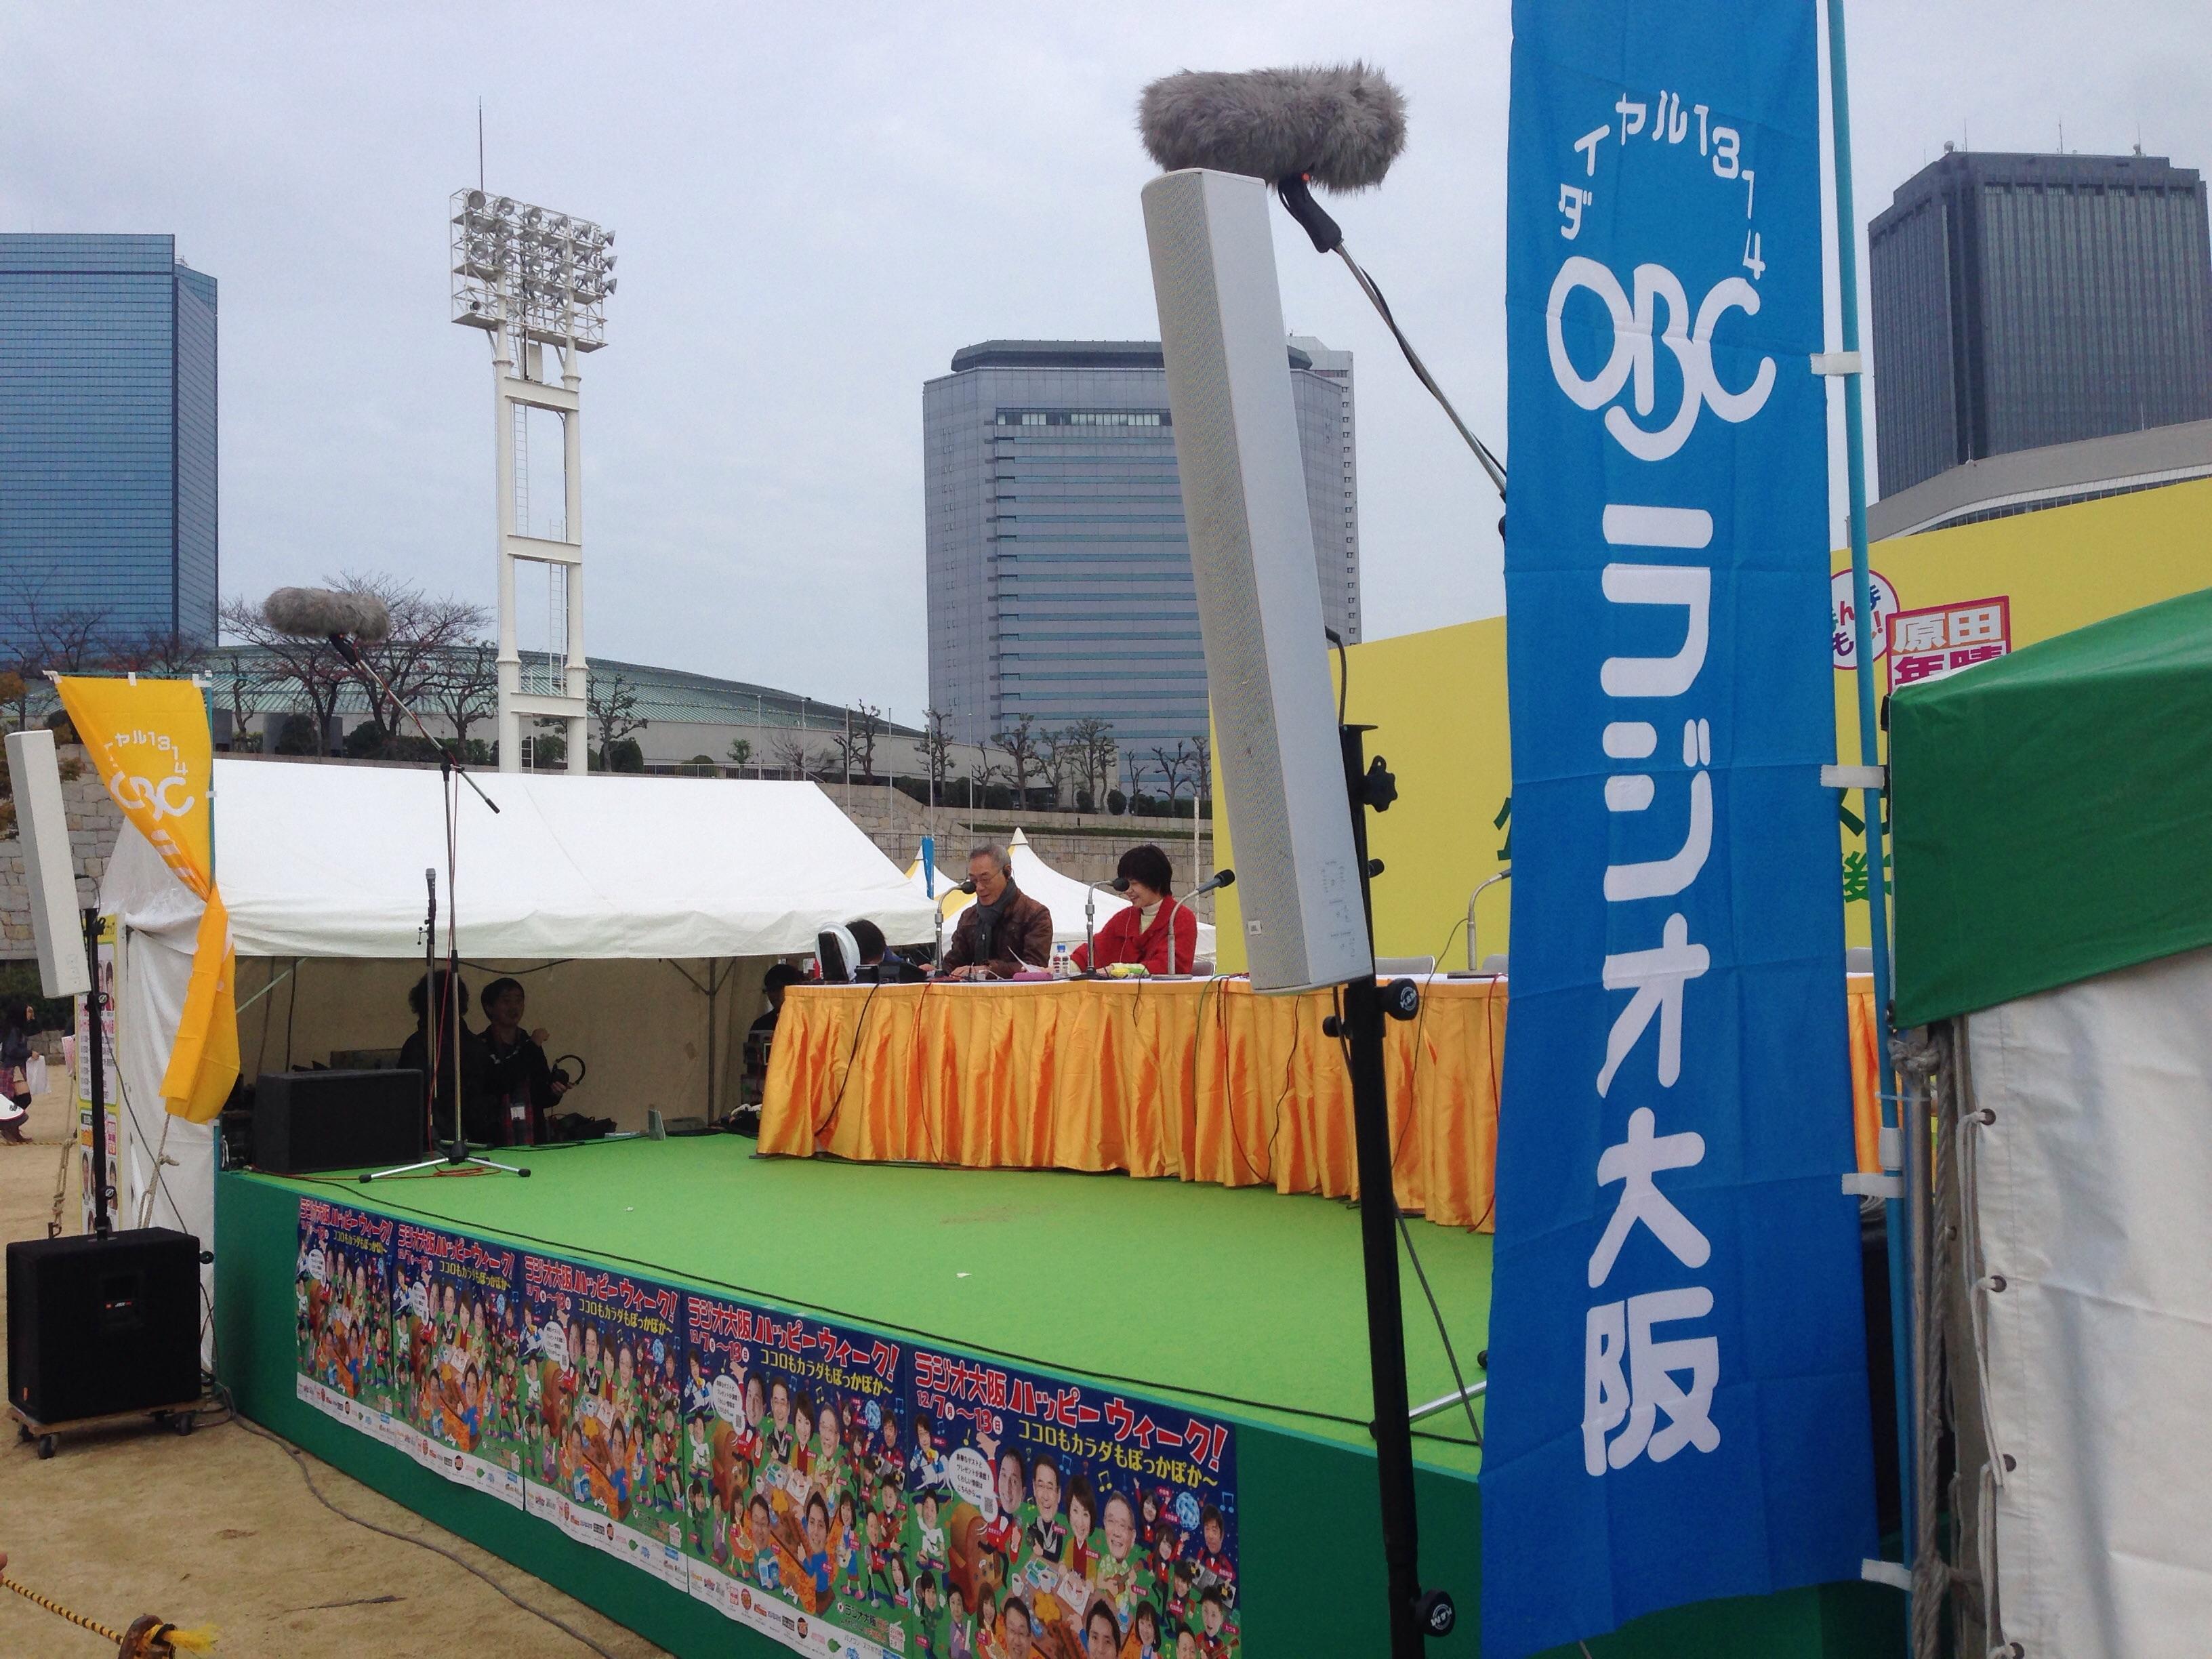 OBCラジオ祭り